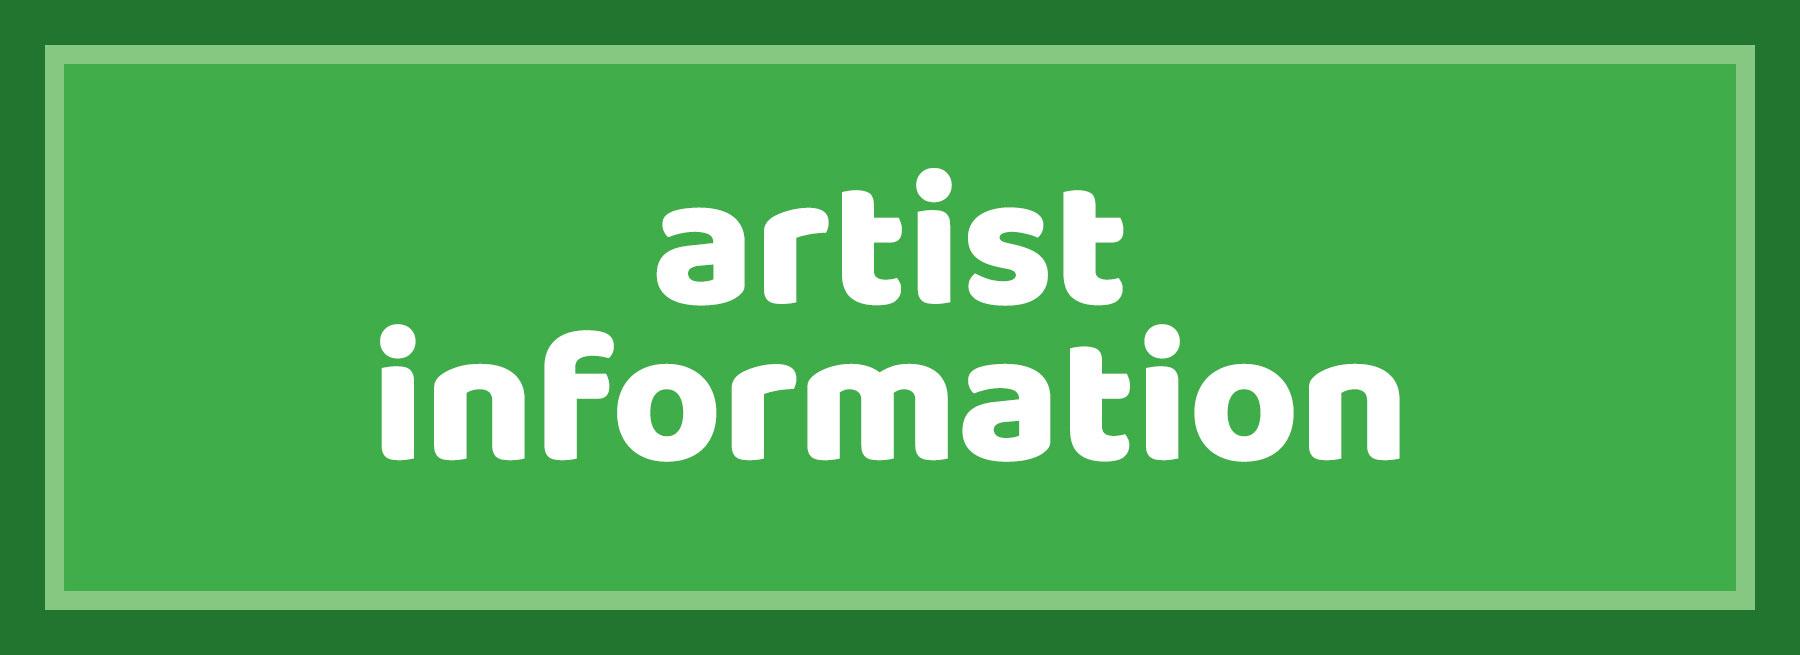 Artist Information